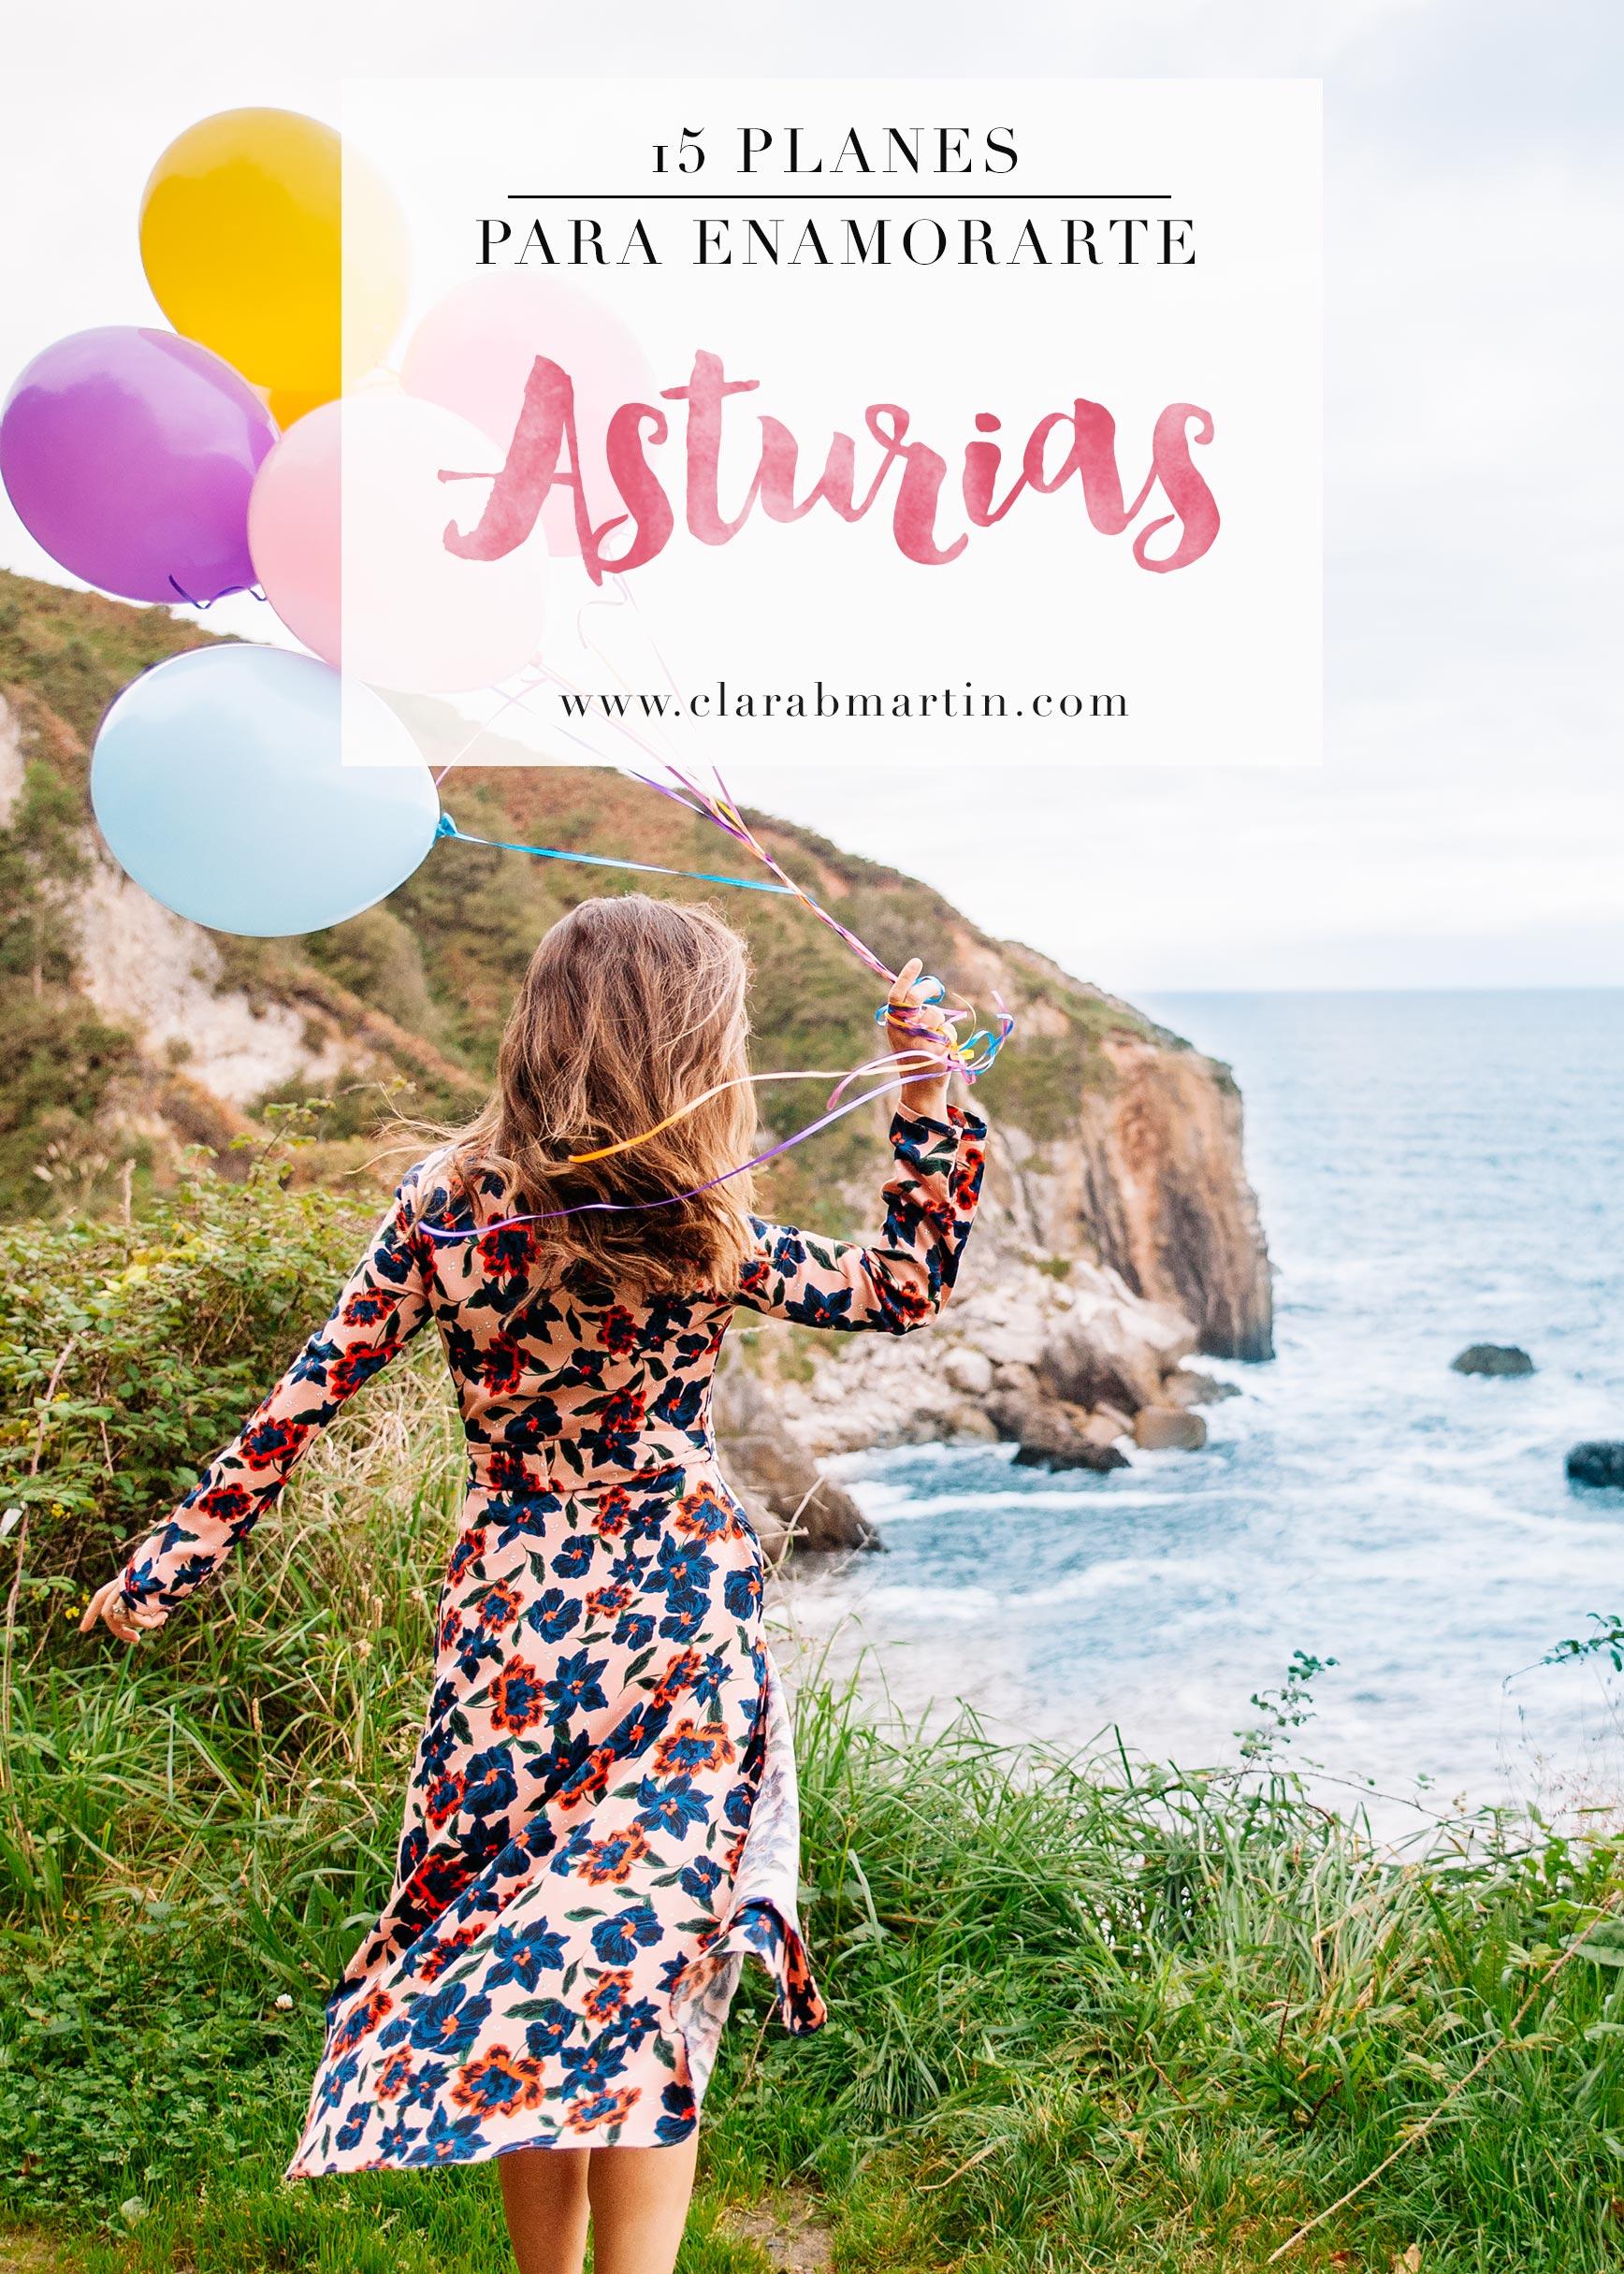 Asturias_planes